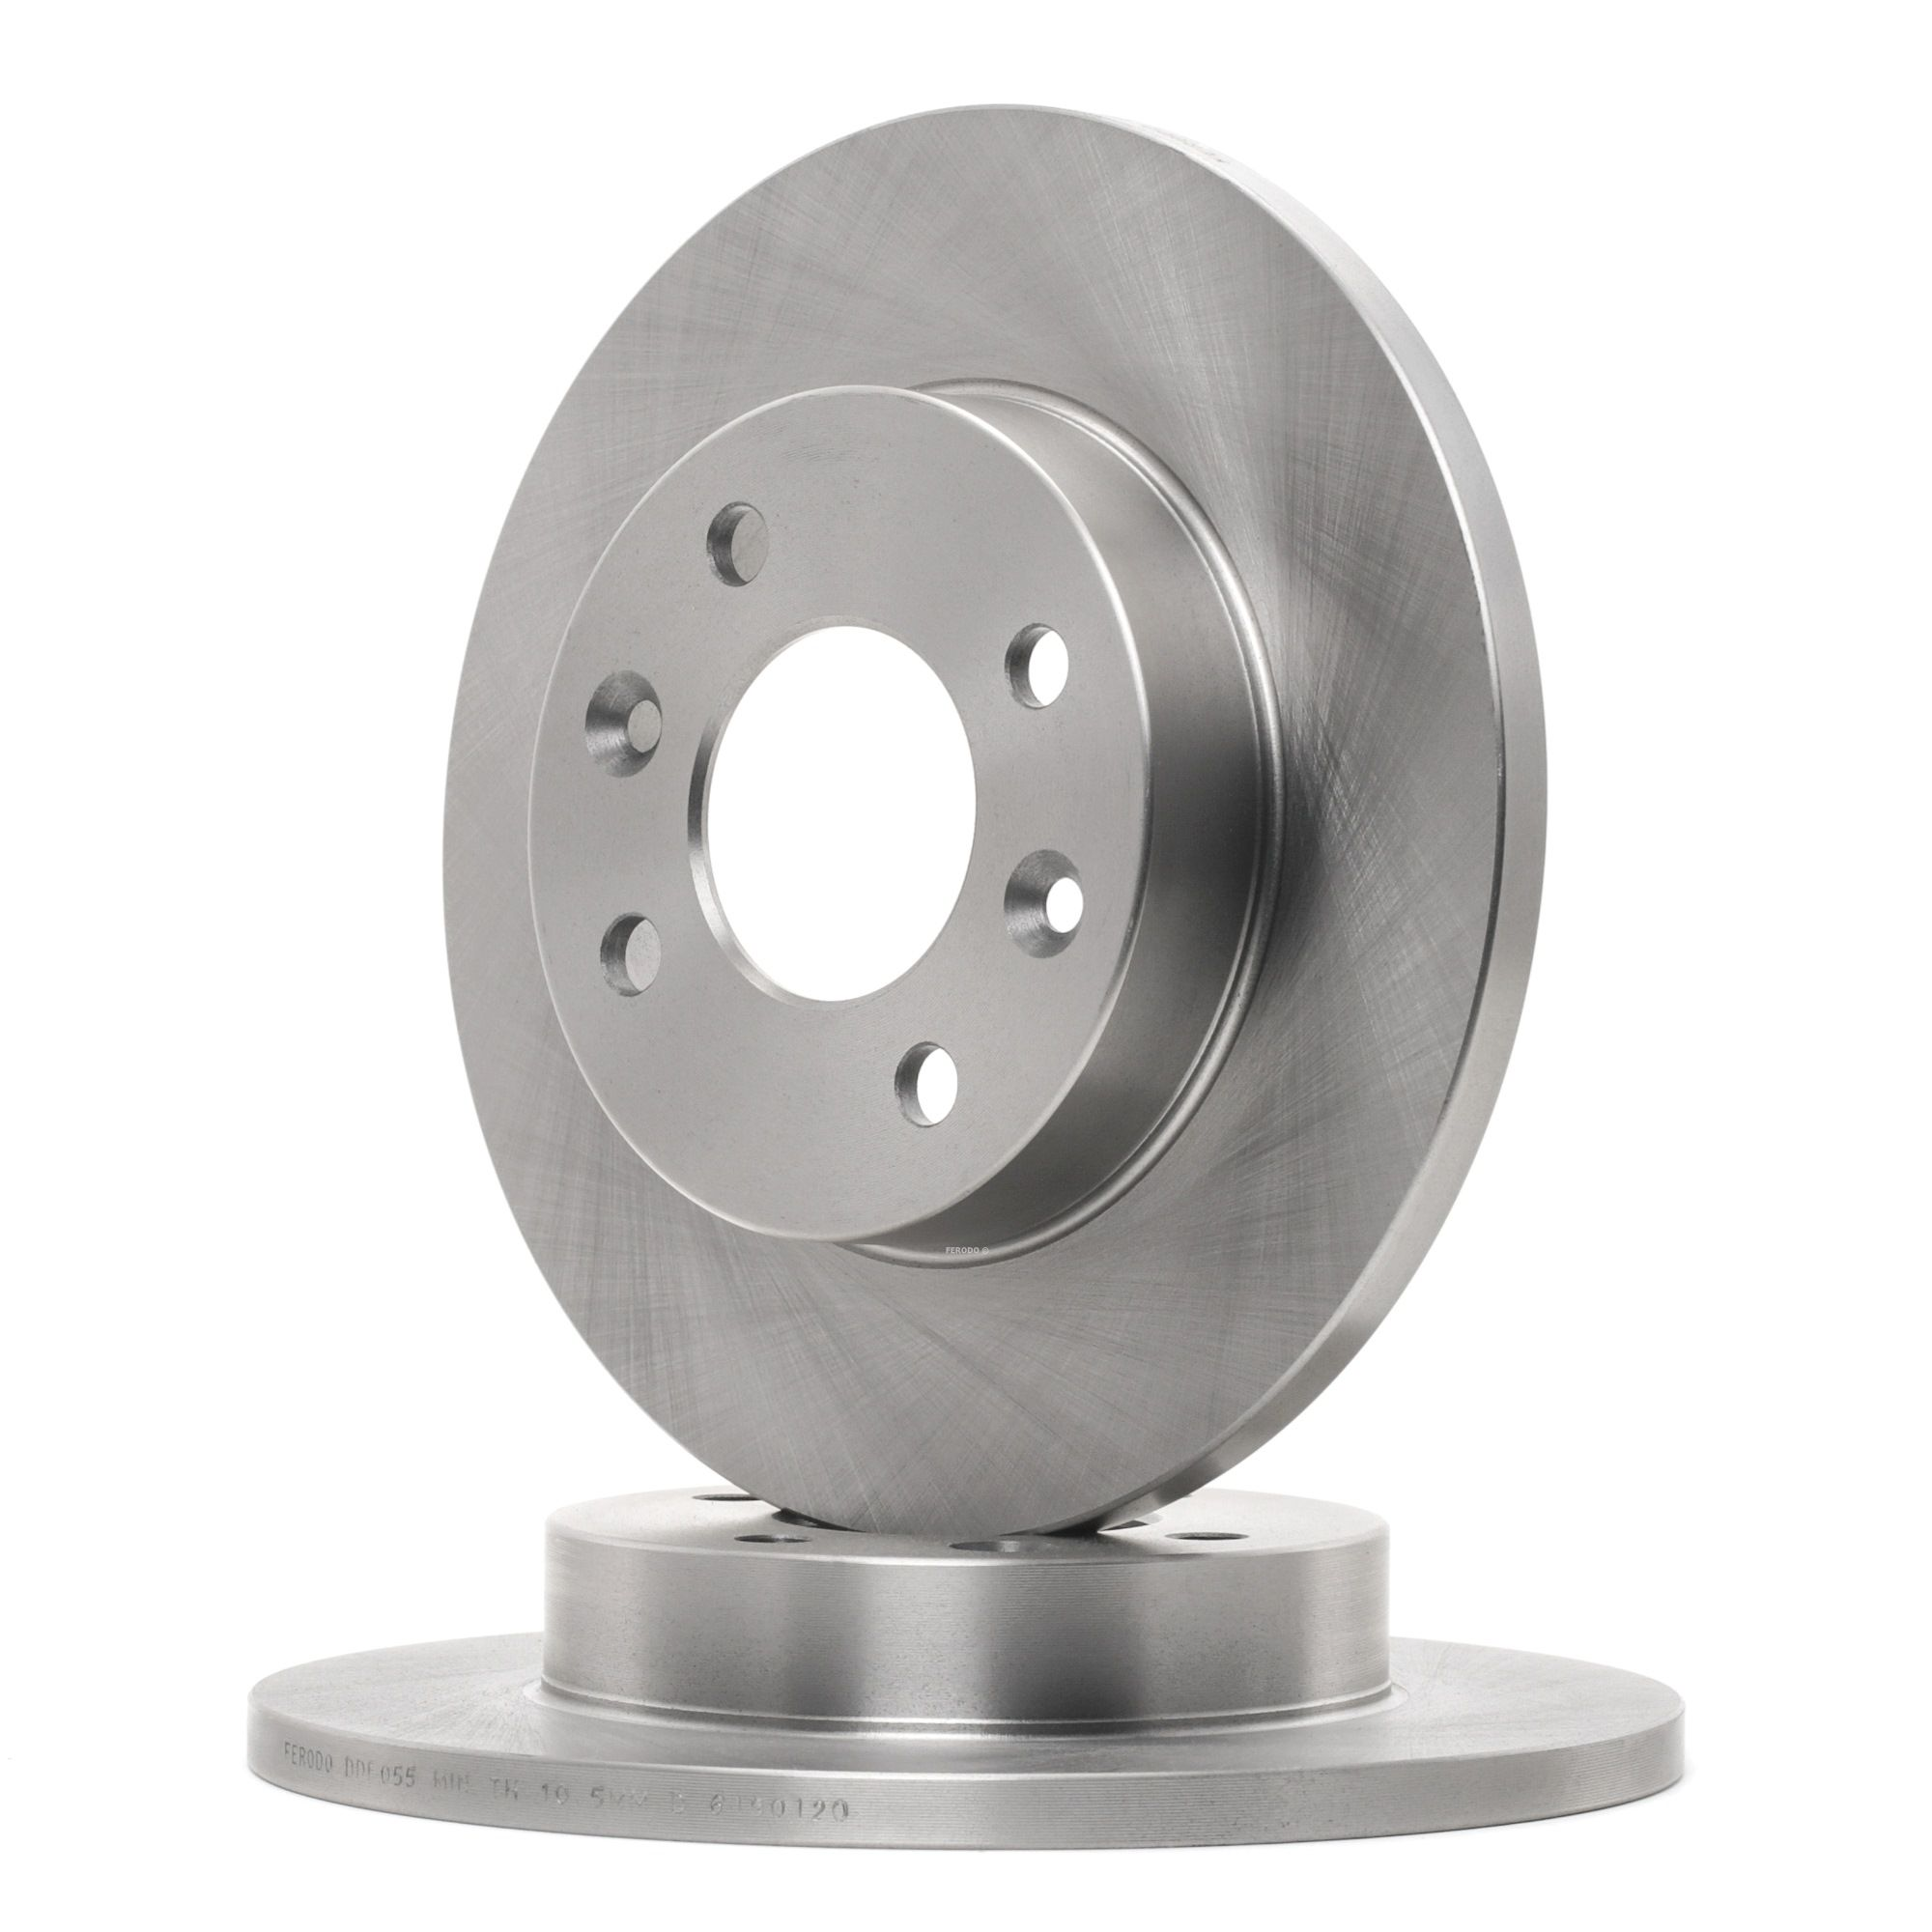 Pirkti DDF055C FERODO PREMIER visiškai, su varžtais Ø: 238mm, angų skaičius: 4, stabdžių disko storis: 12mm Stabdžių diskas DDF055 nebrangu